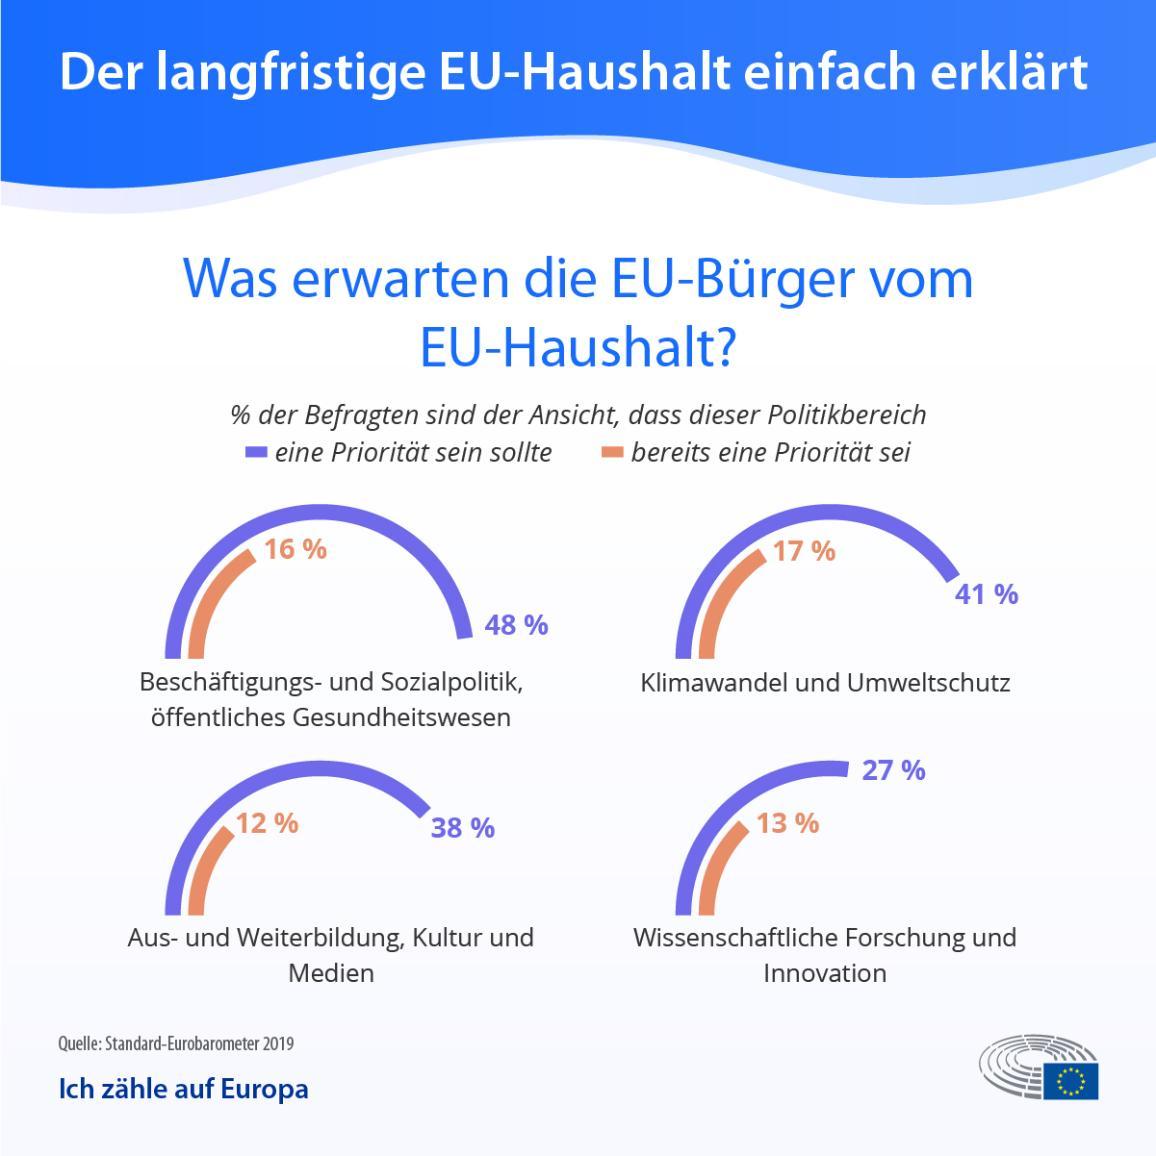 Die Infografik zeigt, was die EU-Bürger vom EU-Haushalt erwarten